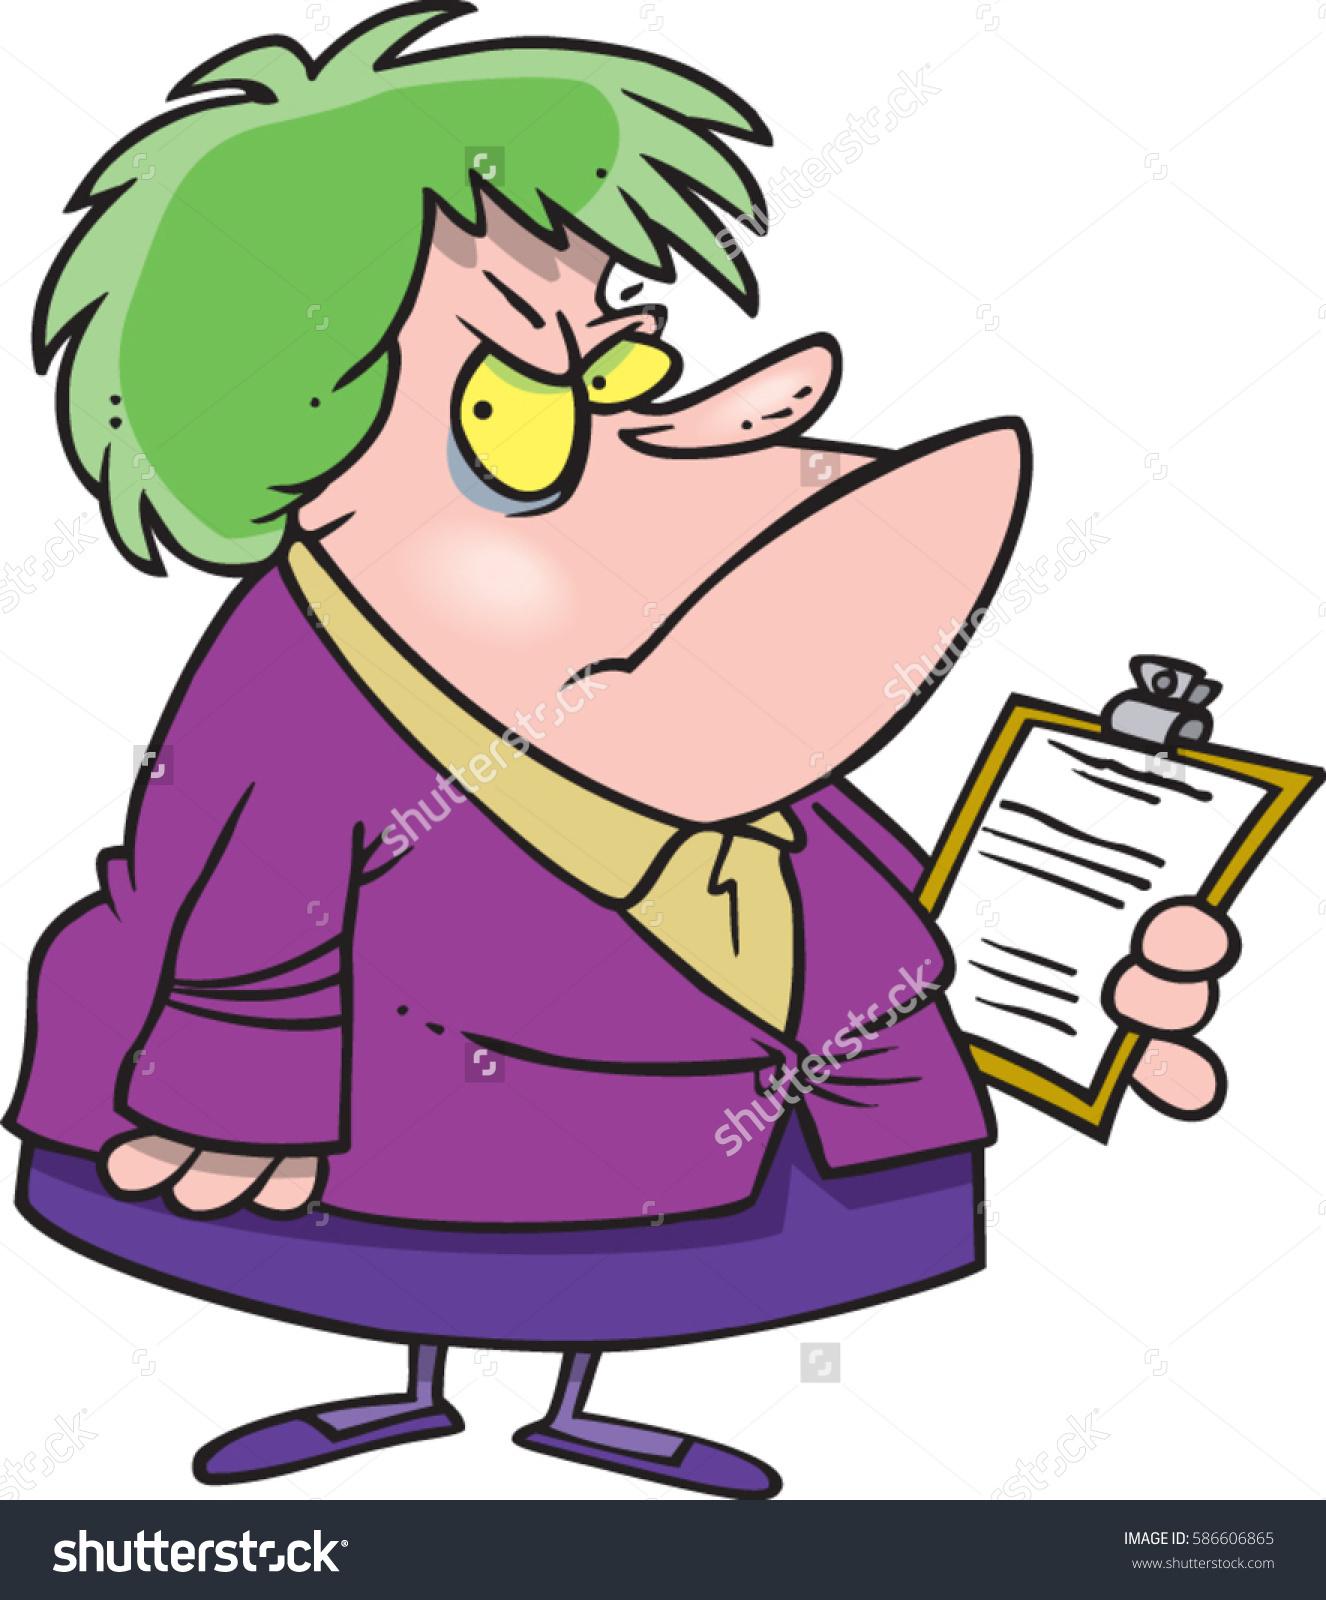 Cartoon Scary Lady Boss Stock Vector 586606865.